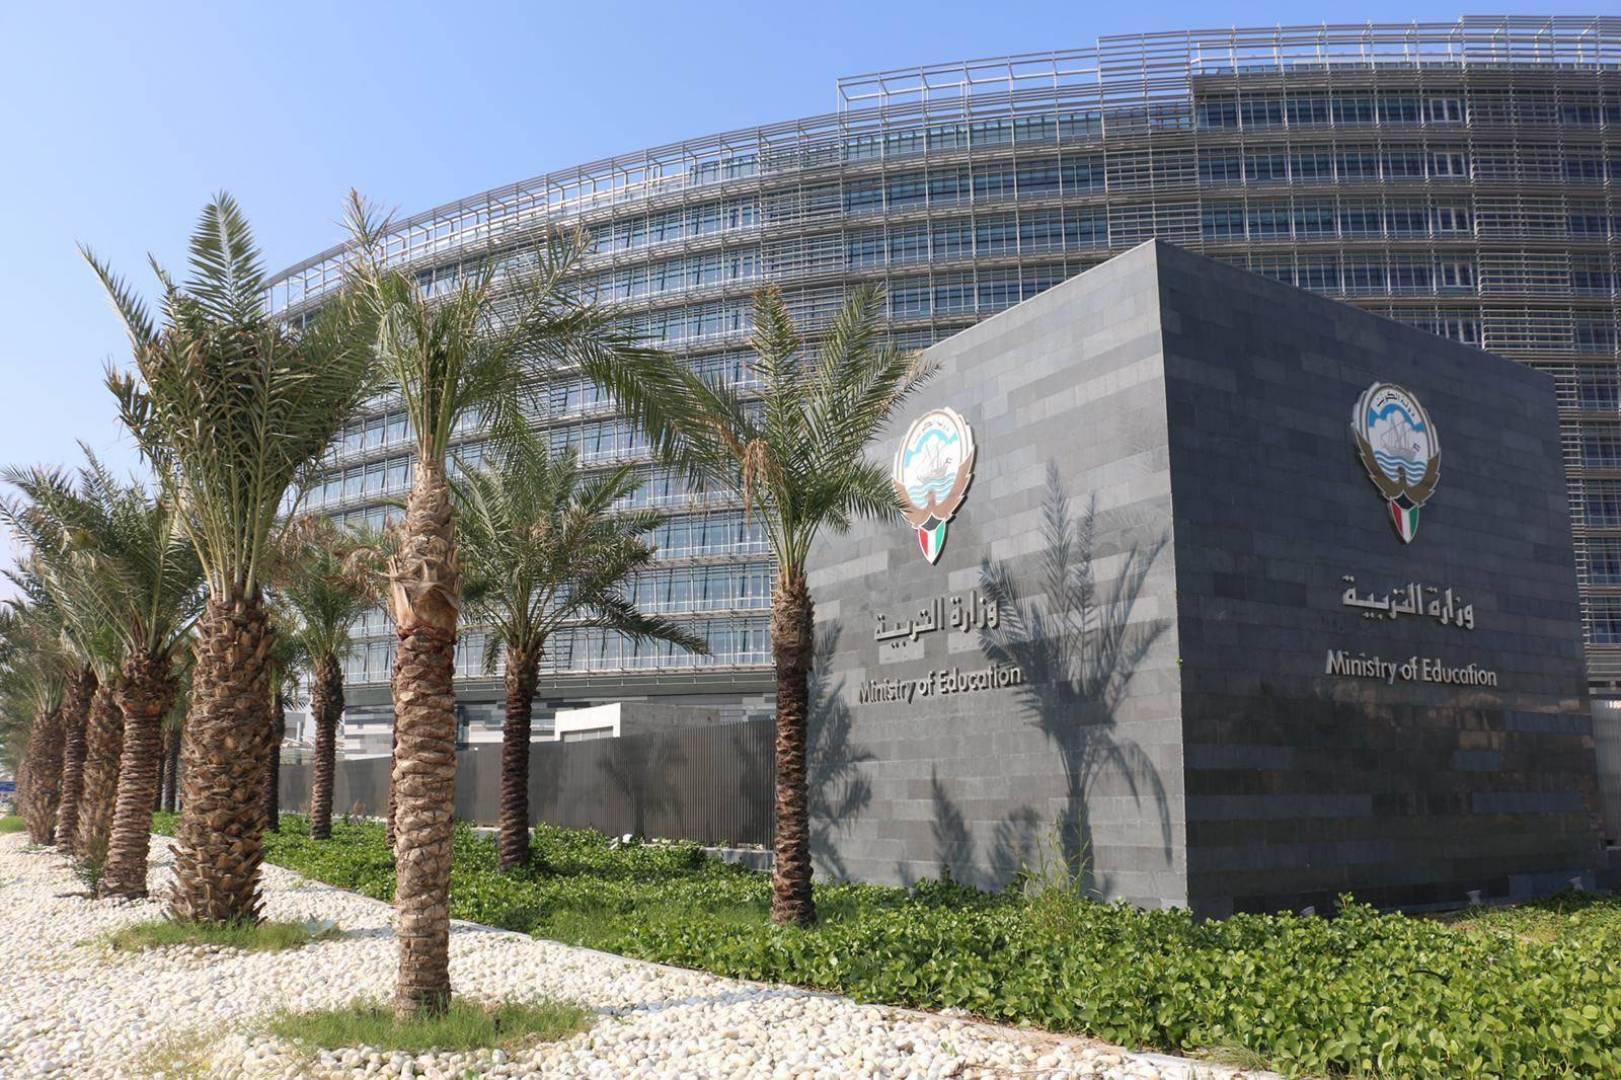 وزارة التربية: عقد مقابلات التعاقد المحلي ابتداءً من 20 فبراير